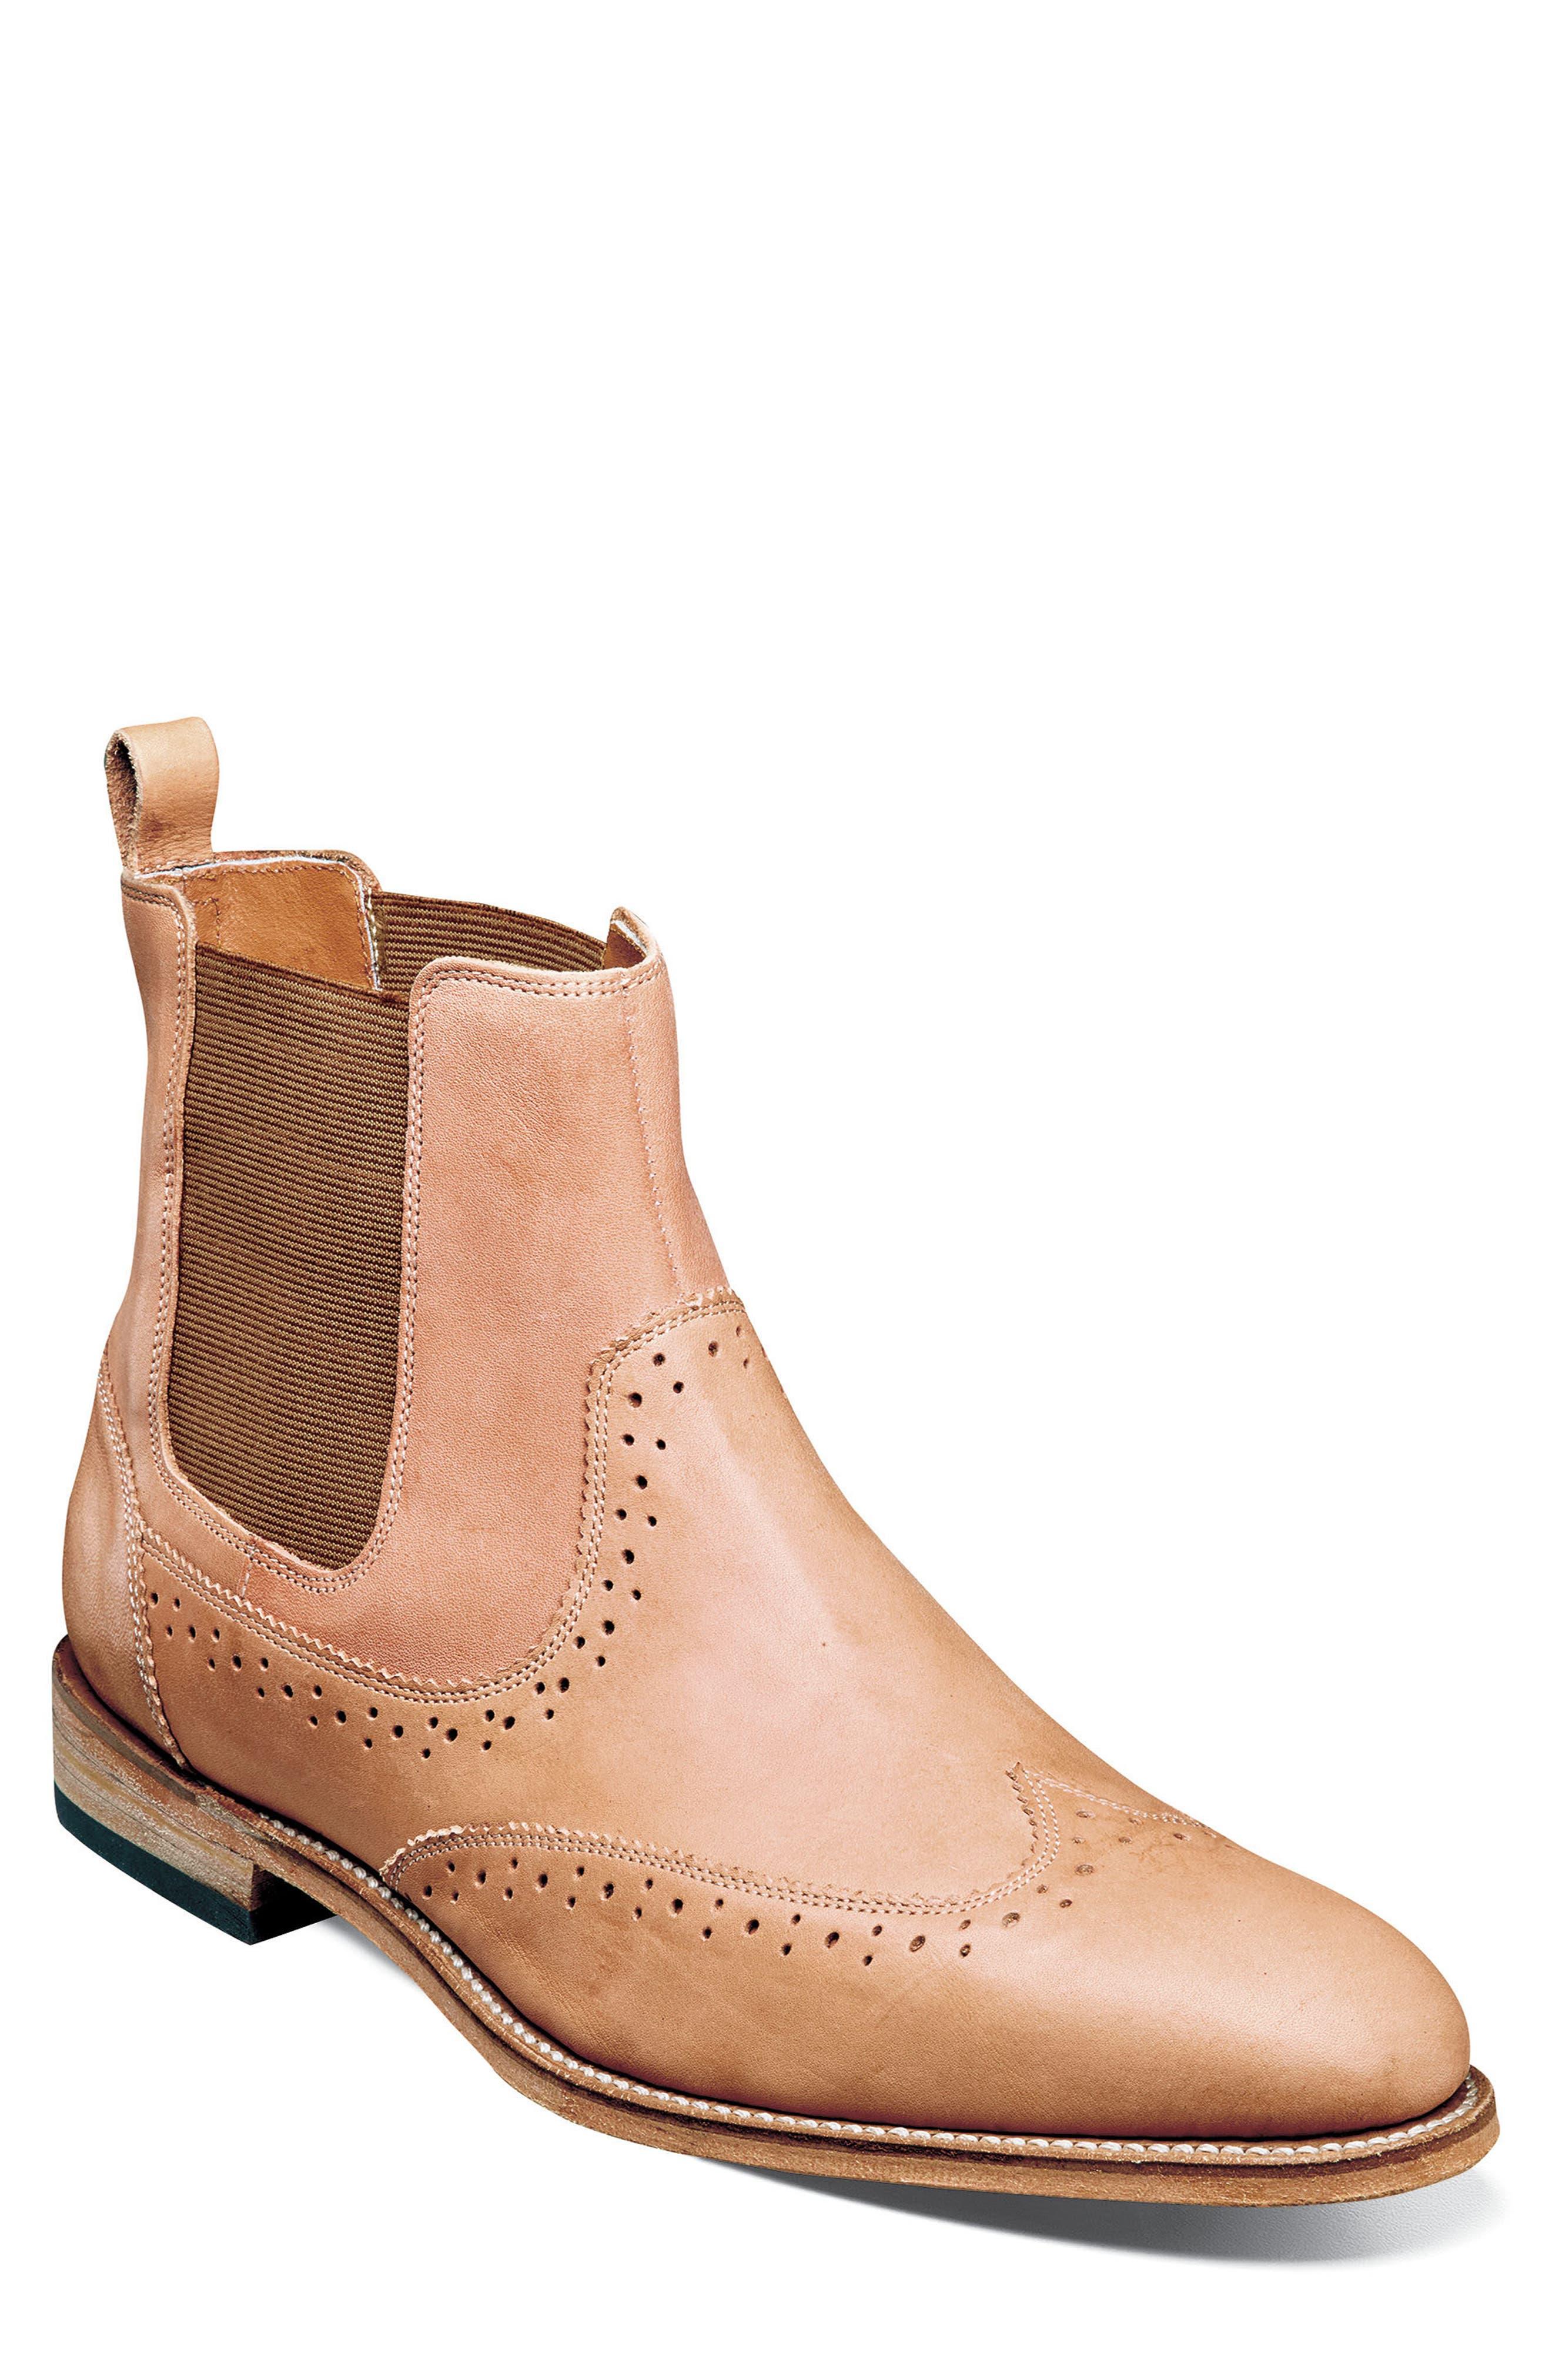 Stacy Adams M2 Wingtip Chelsea Boot (Men)